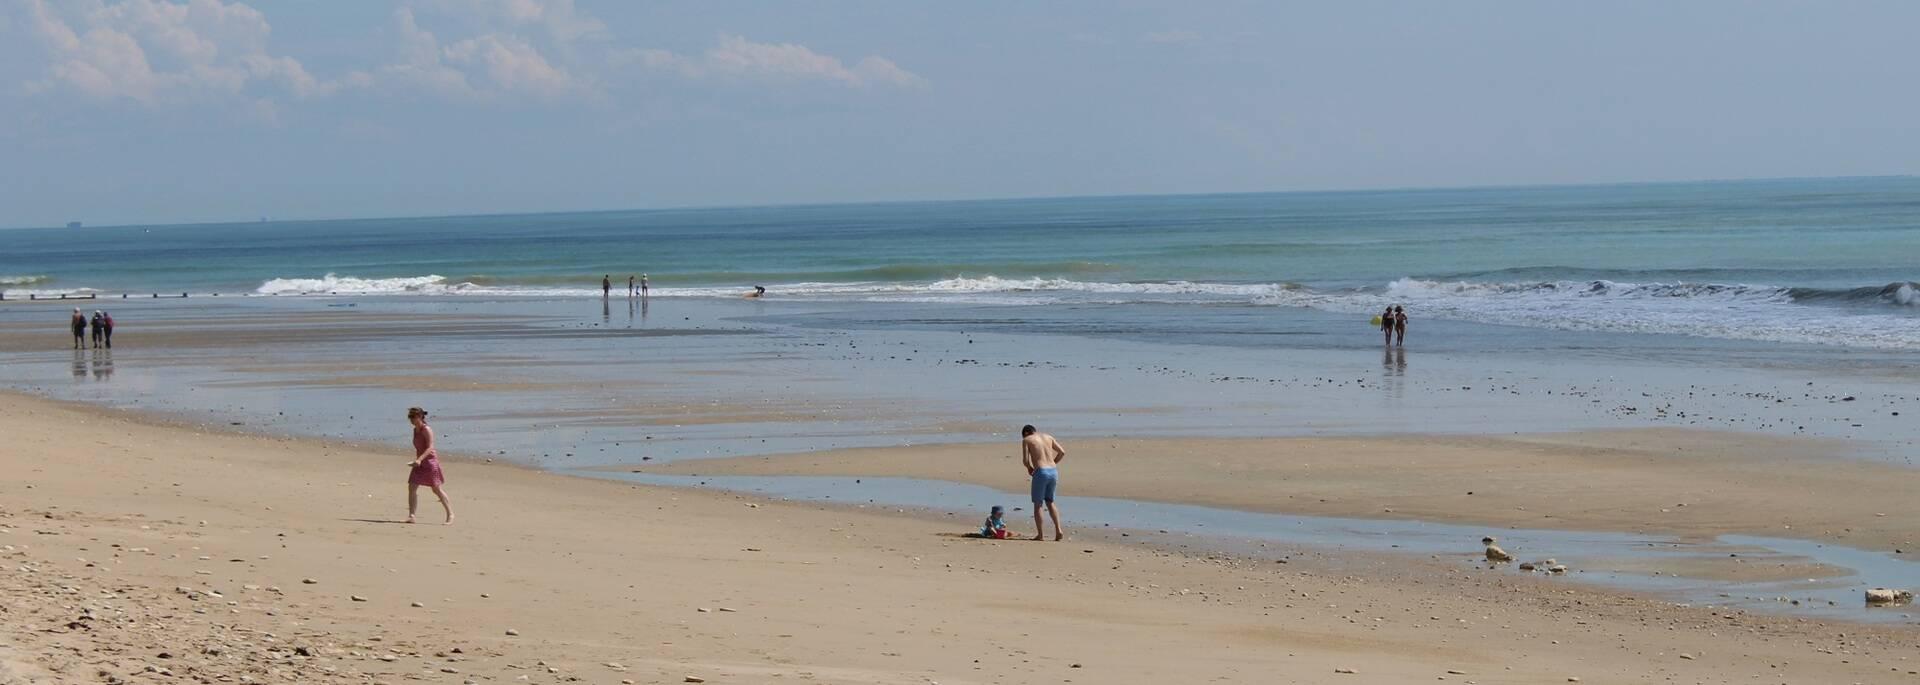 Les plages de l'île de Ré - ©P.Migaud / FDHPA17